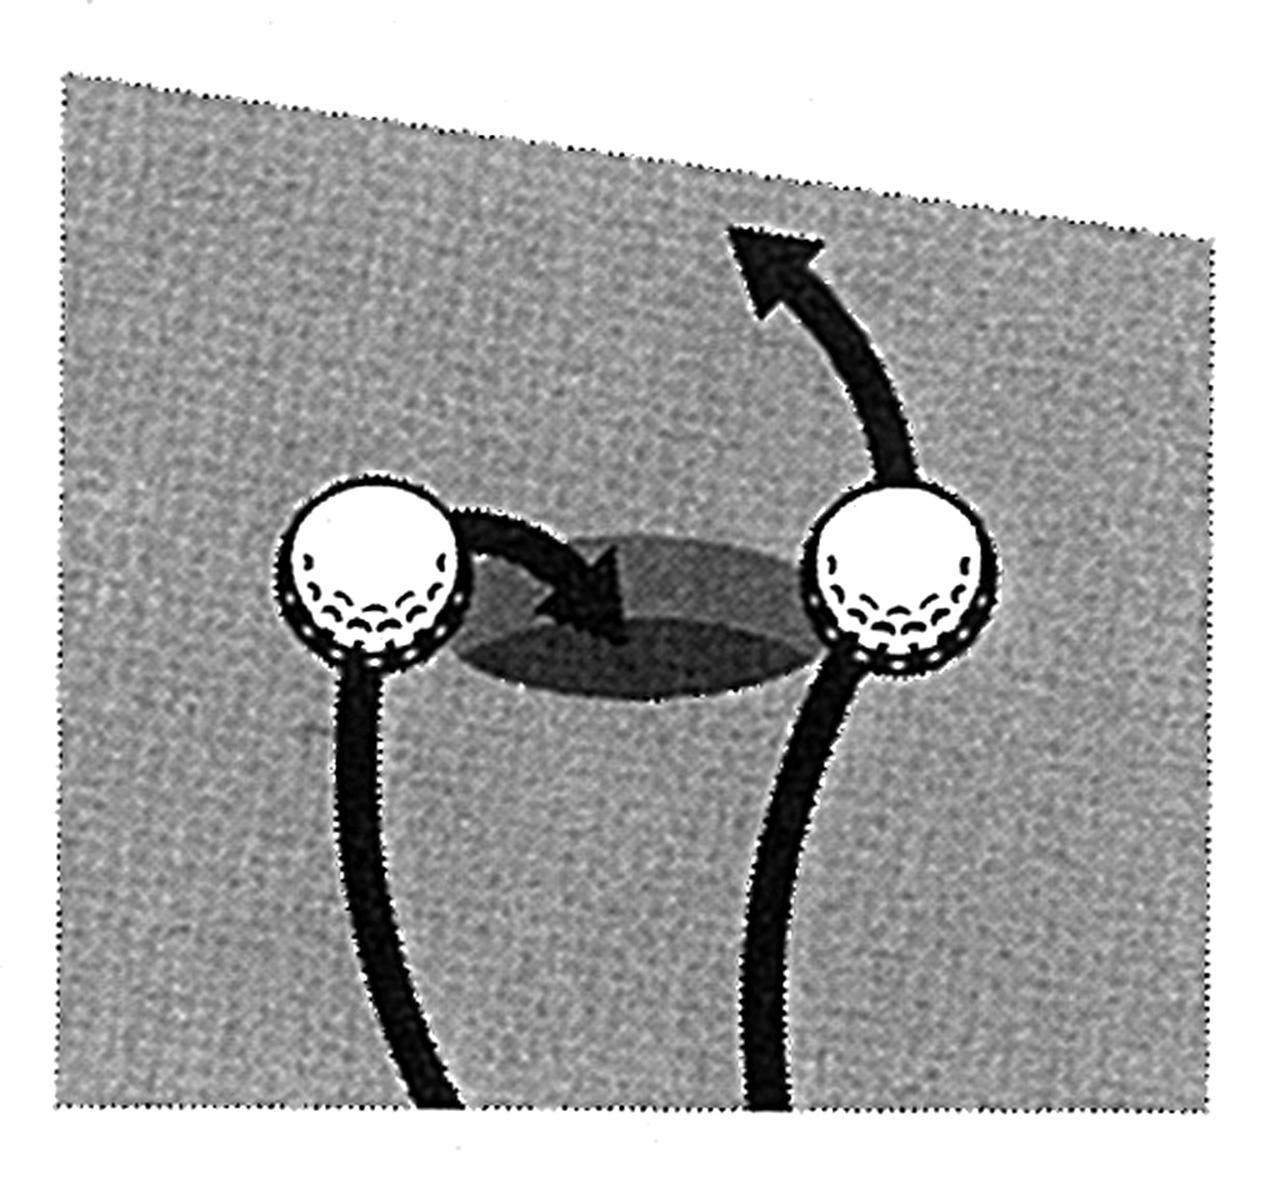 画像2: ボールを目で追うと情報が蓄積されていく